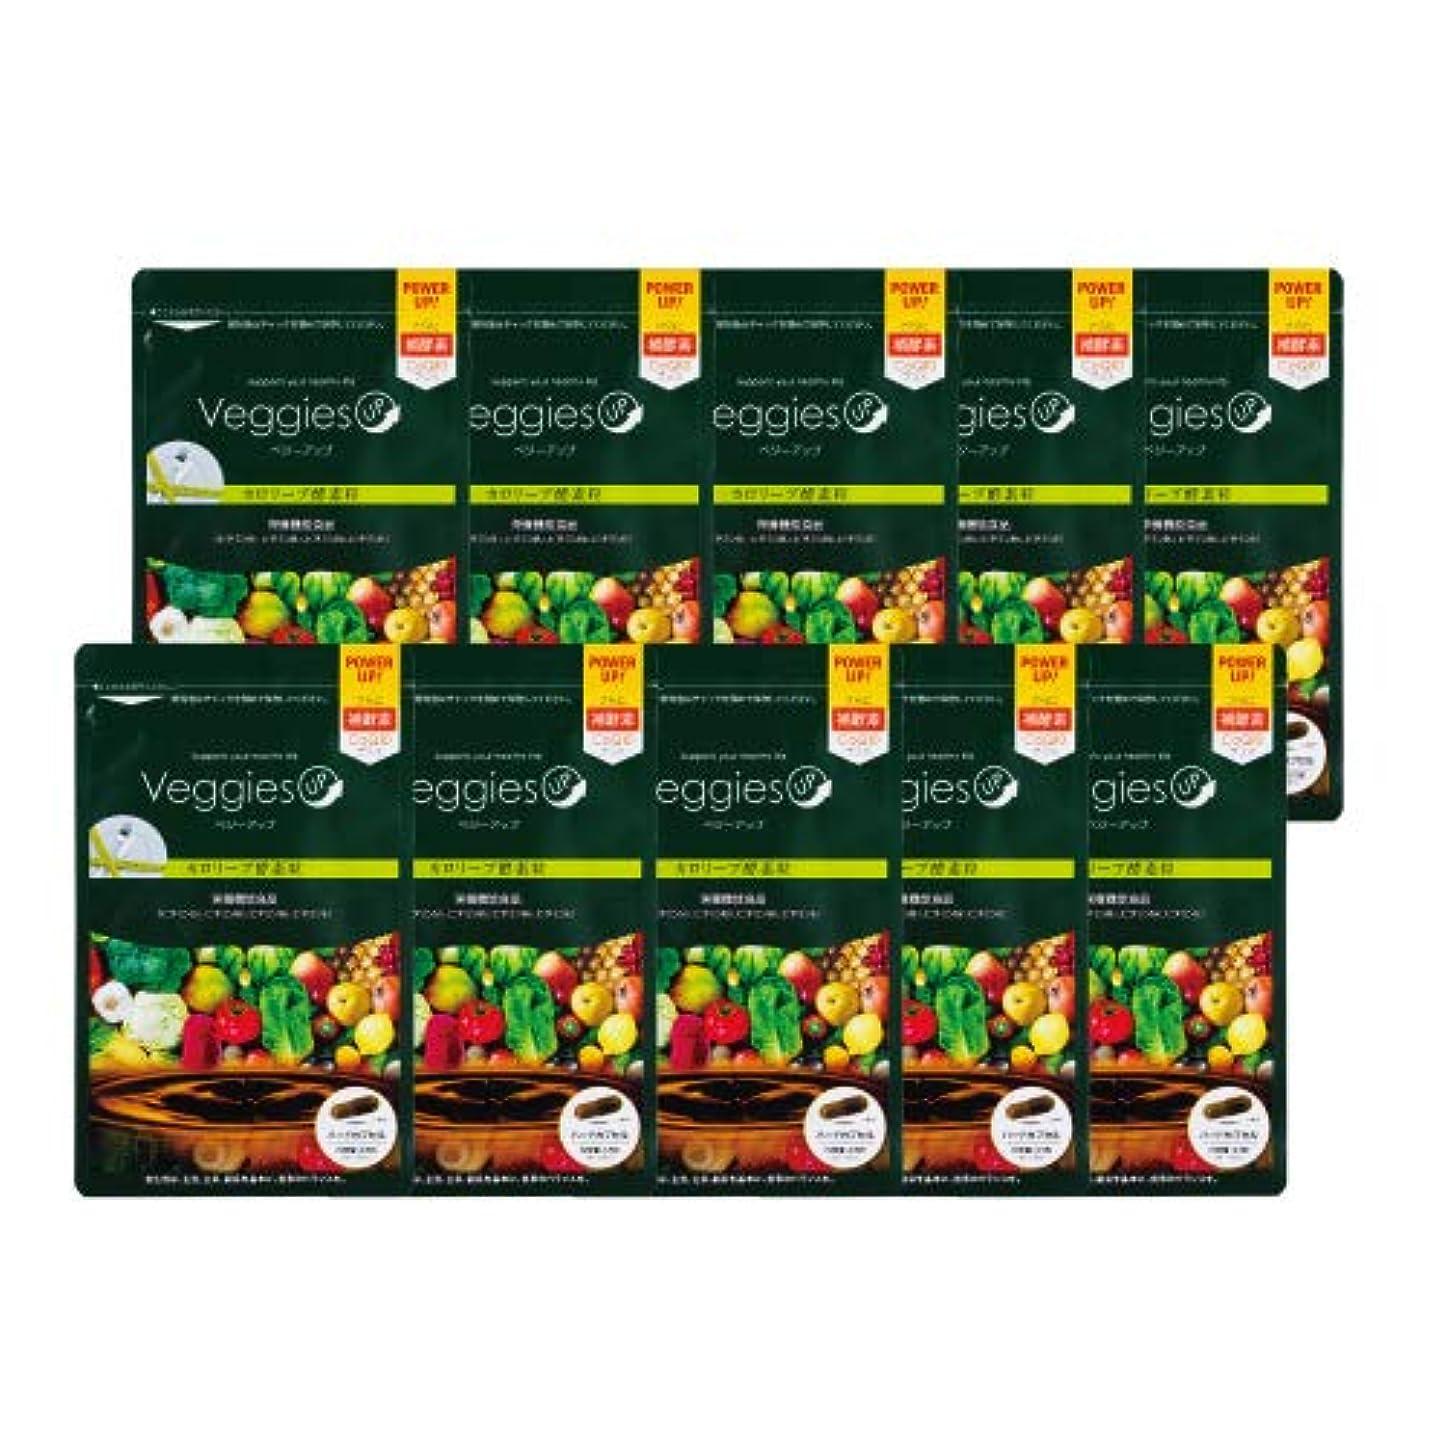 徹底的に衰えるガレージベジーアップ酵素粒カロリーブ 93粒 10袋セット ダイエット 酵素サプリ 酵素ダイエット サラシア コエンザイムQ10 竹炭